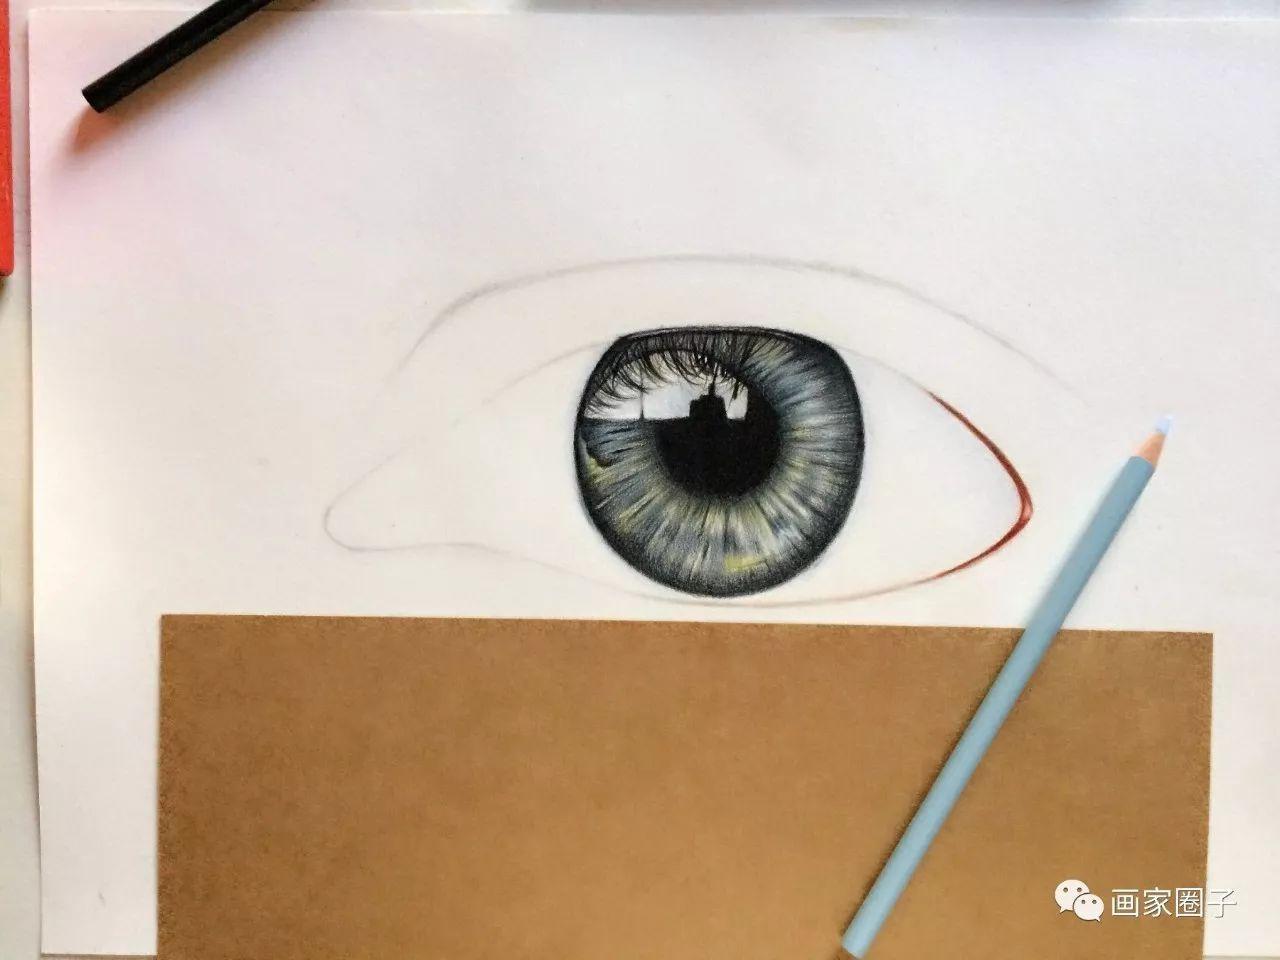 【画家圈子】欧雅:彩铅手绘教学, 眼睛特写